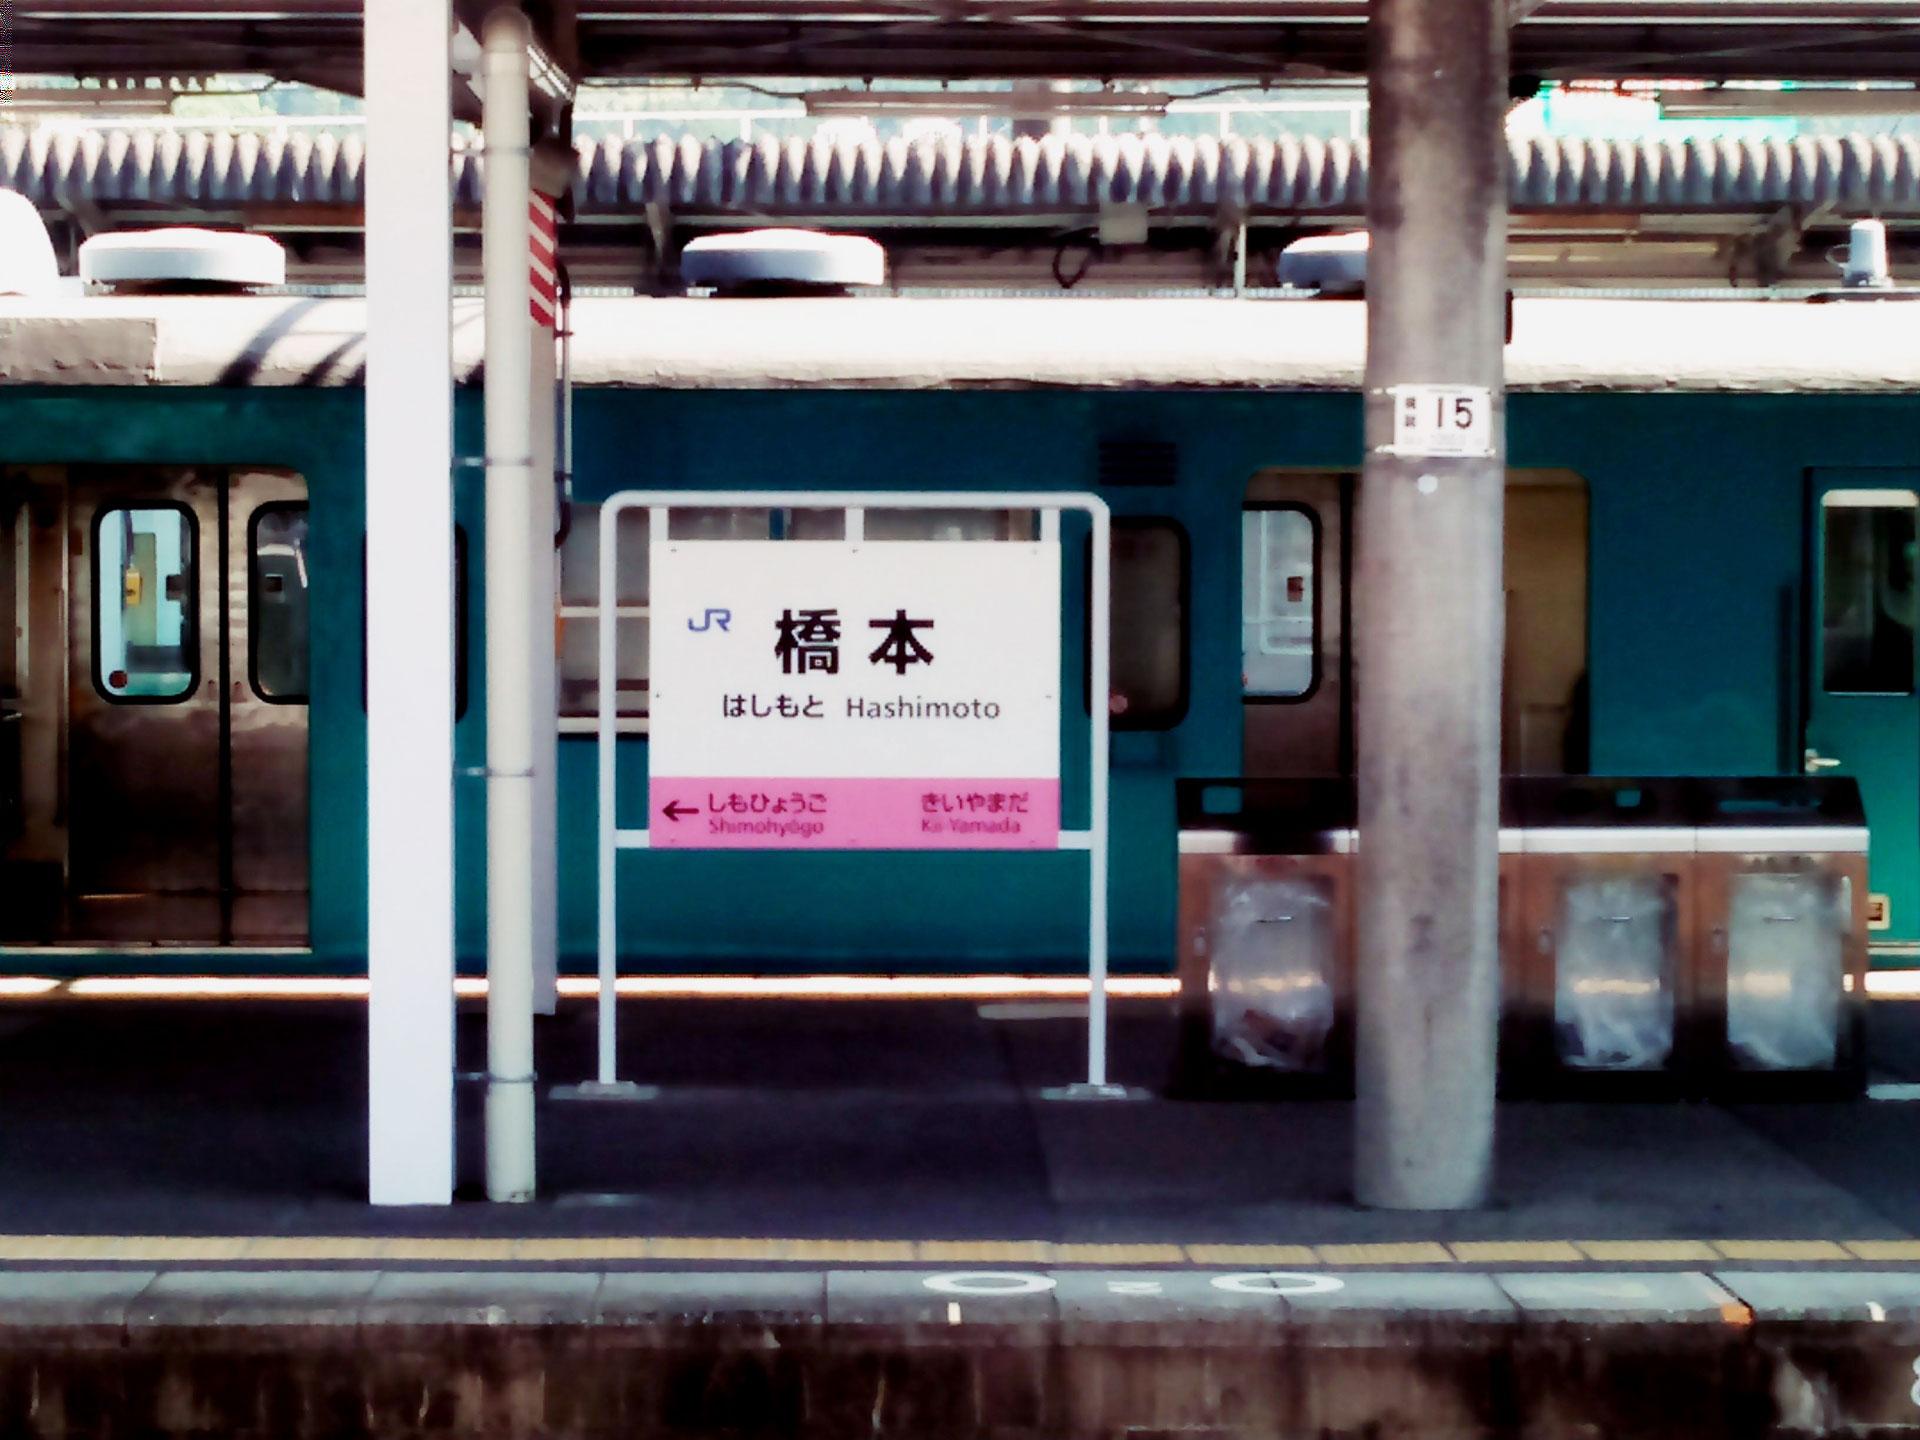 橋本駅アイキャッチ